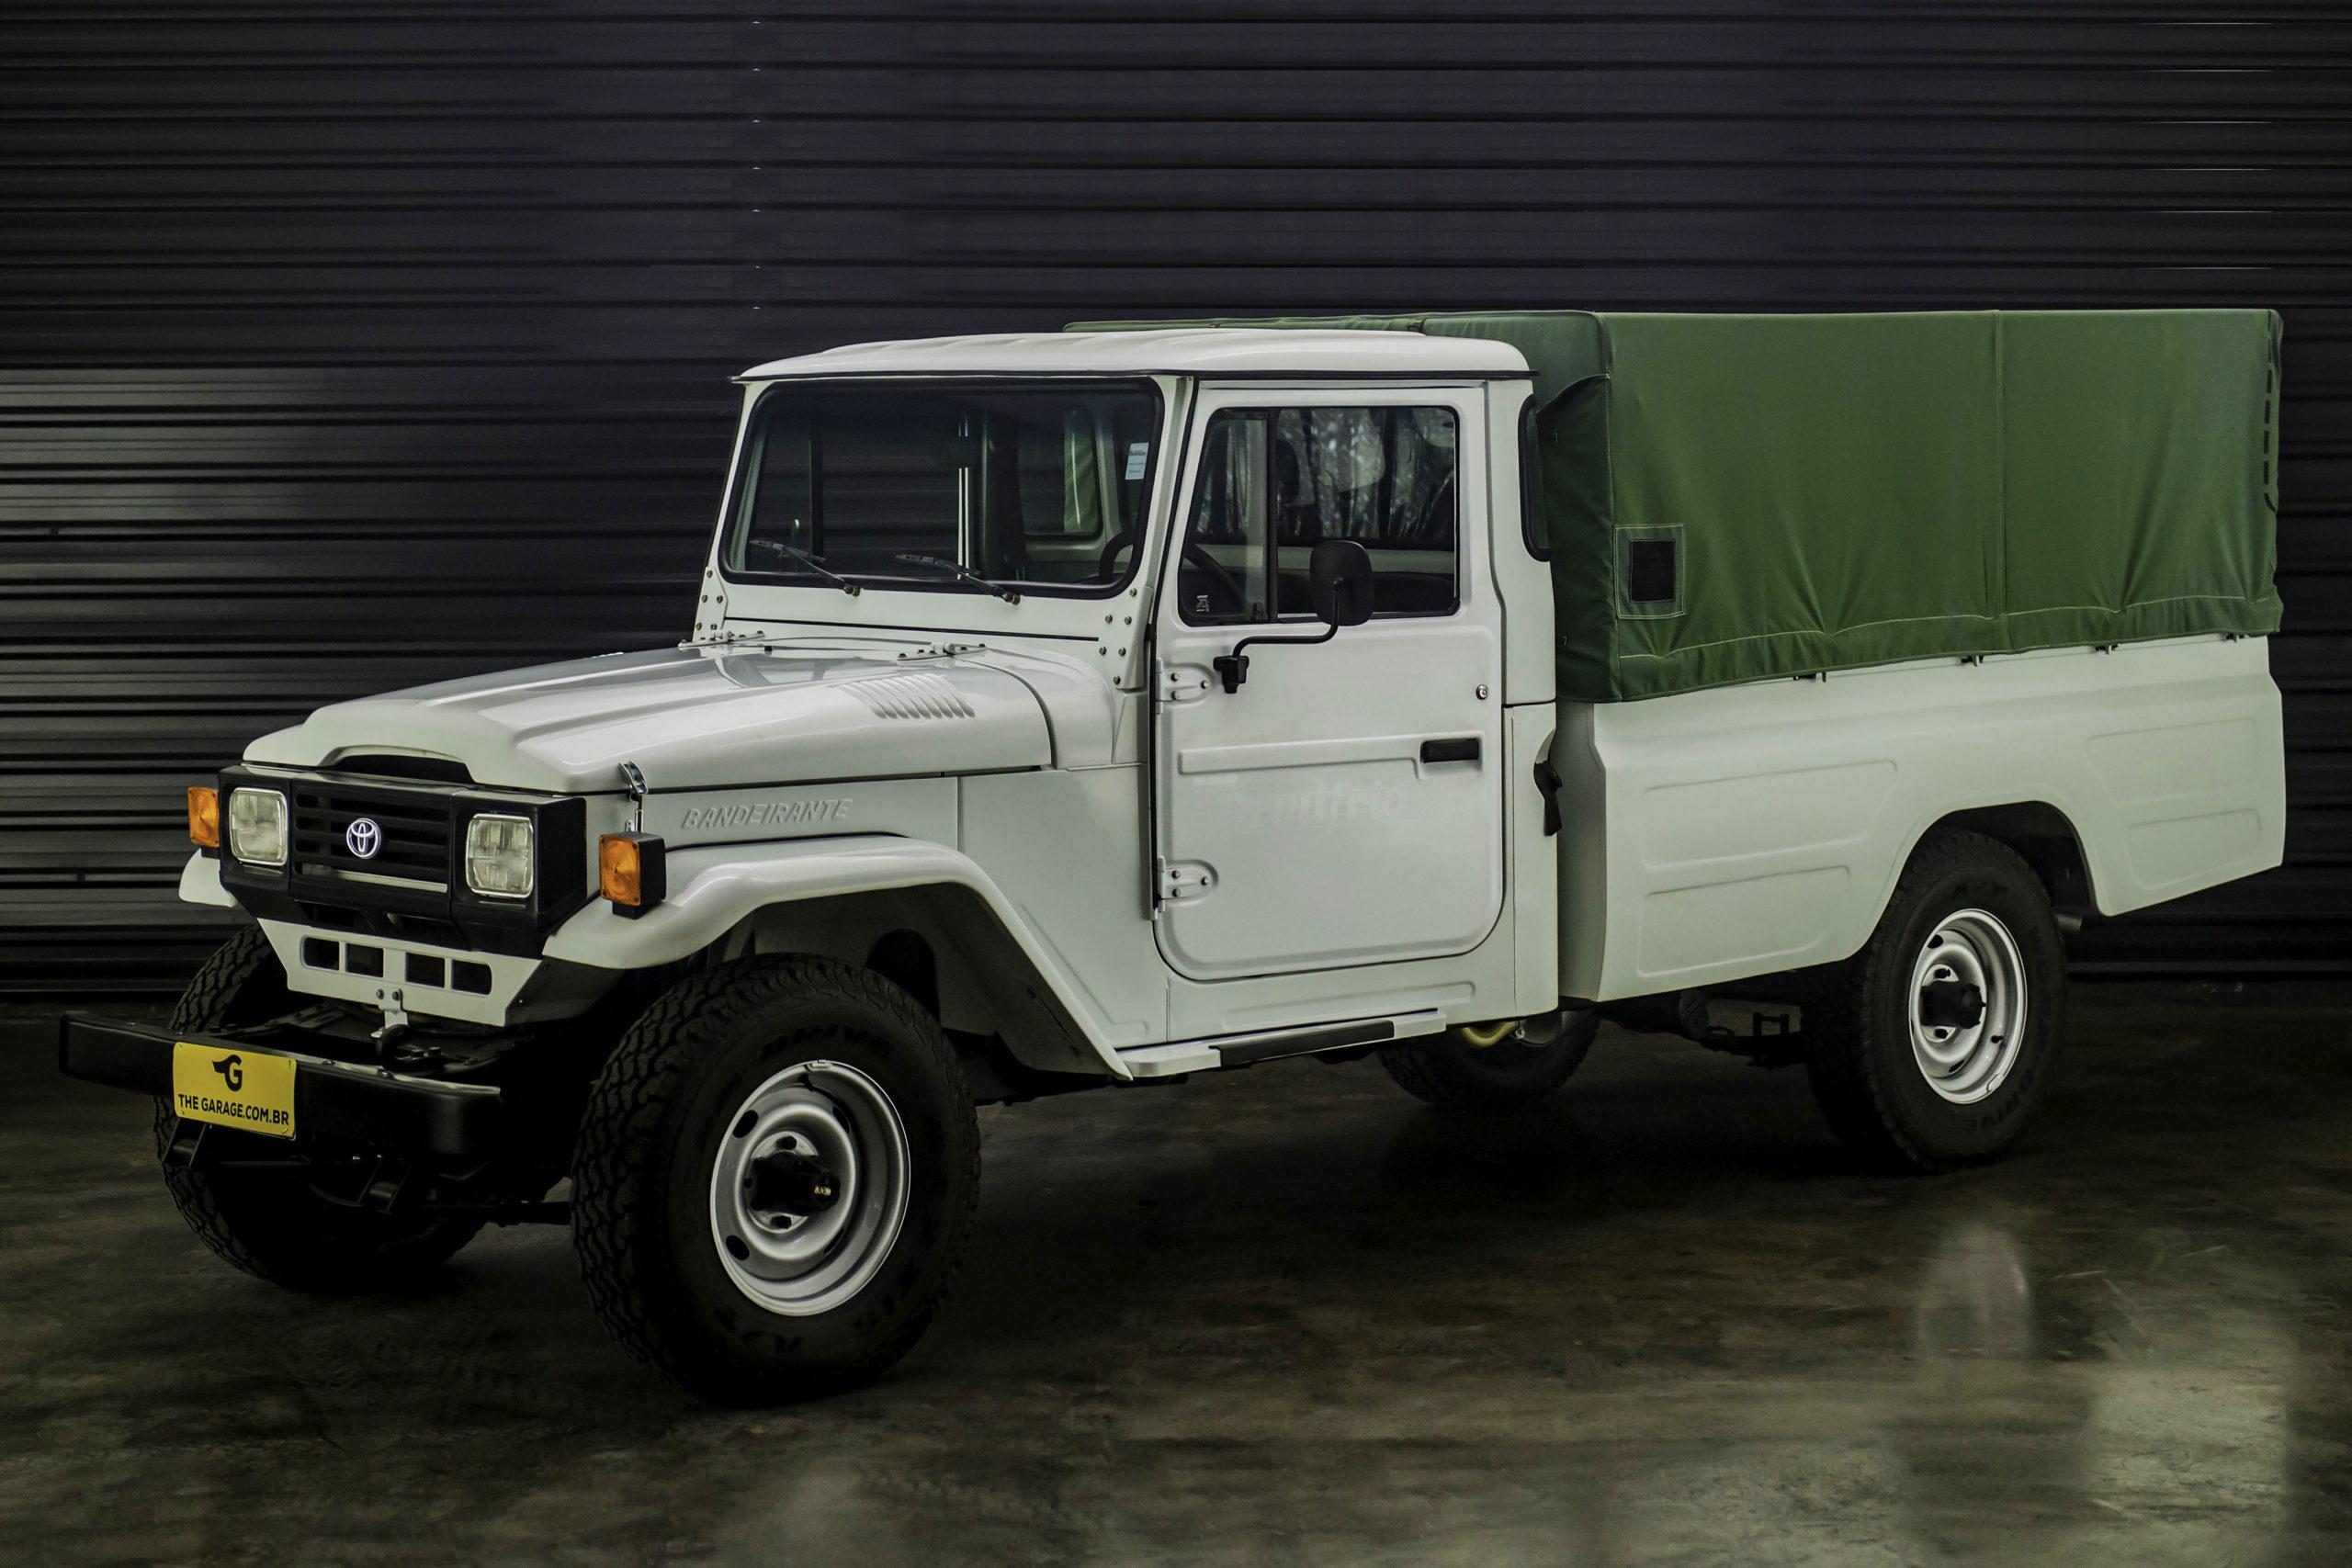 1999-Toyota-bandeirante-a-venda-sao-paulo-sp-for-sale-the-garage-classicos-a-venda-loja-de-carros-antigos--9.jpg